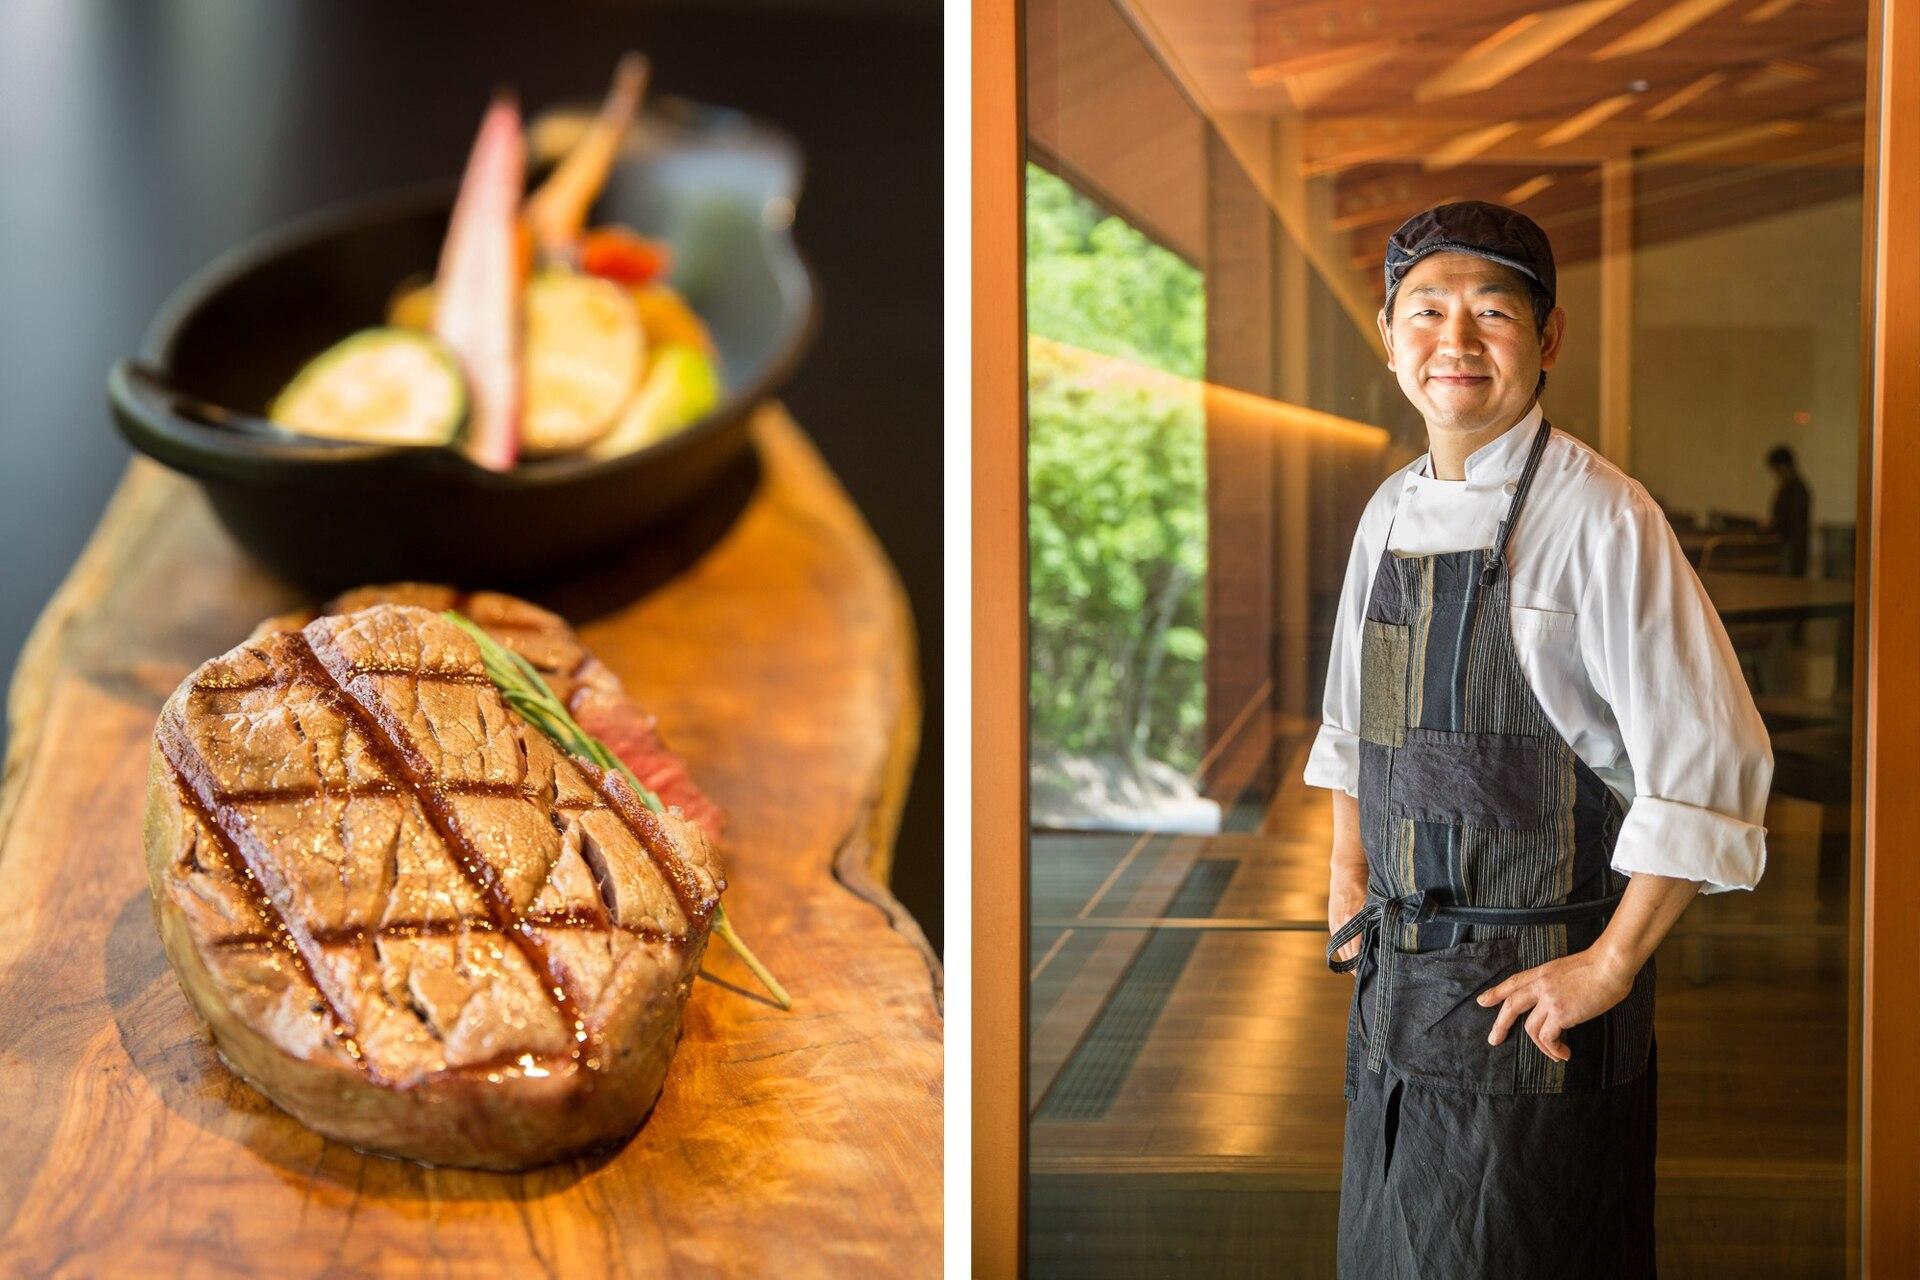 La sabrosa carne kobe, con denominación de origen y la vacuna más cara del mundo, es servida en el restaurante del resort. El chef encargado de estas delicias.